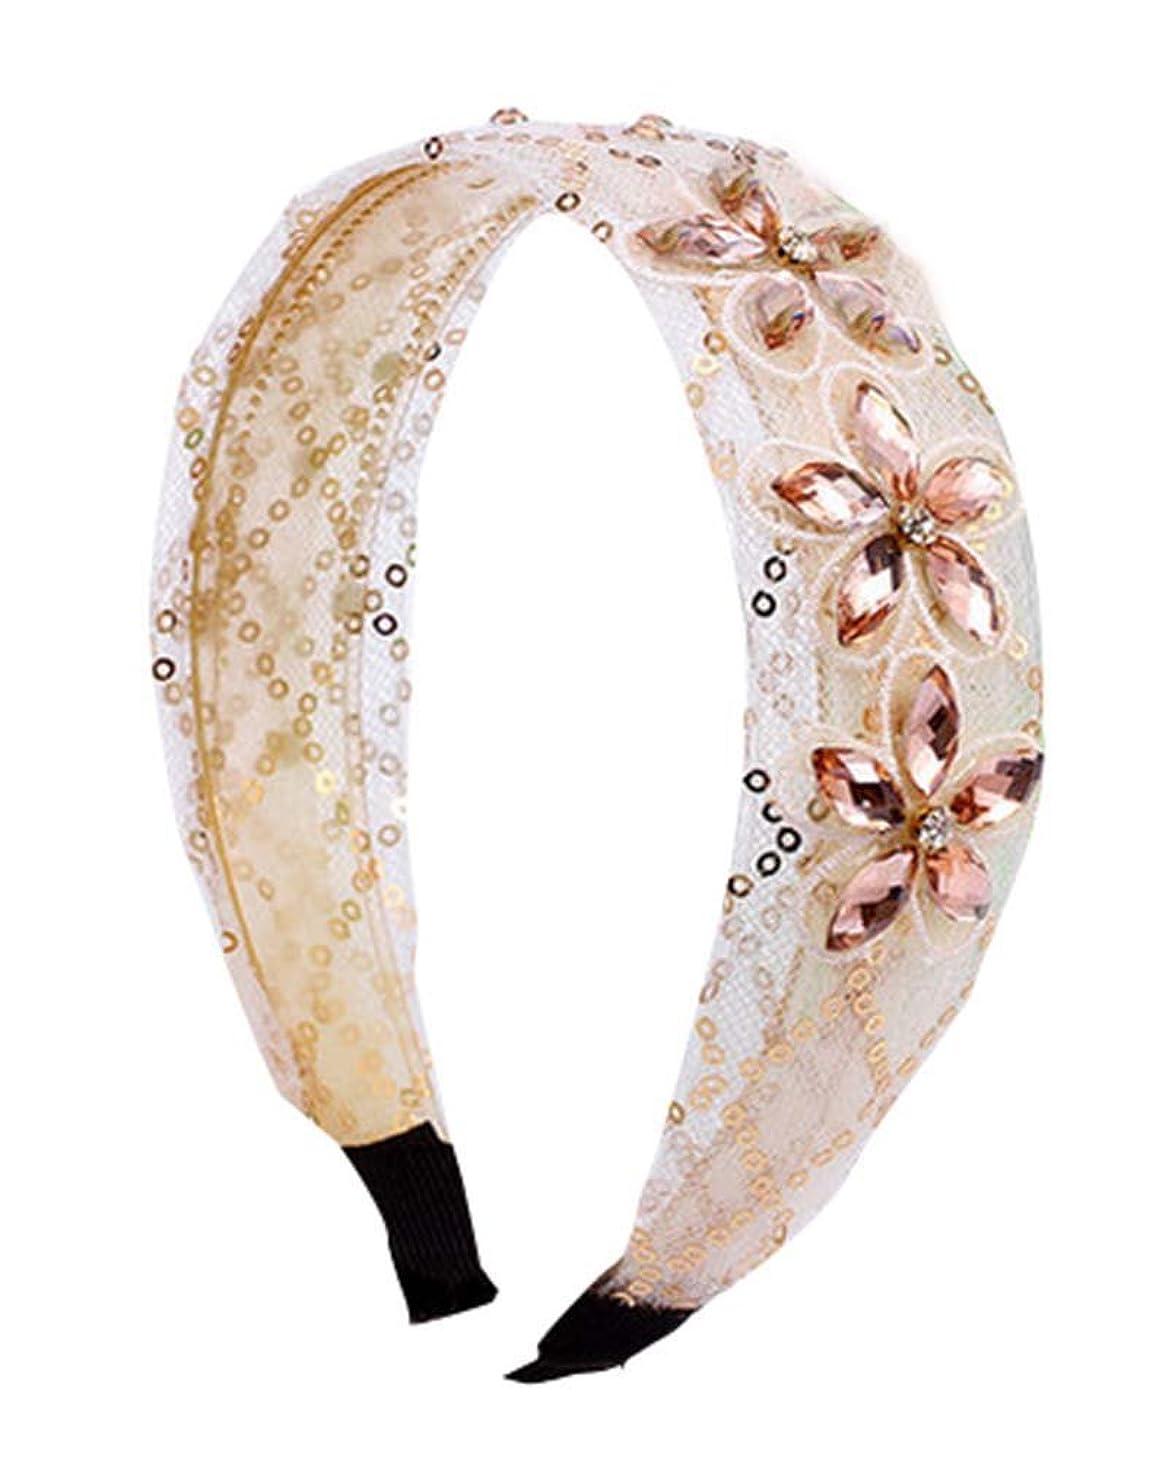 職人マニアックドラフト美しいラインストーンレースの髪の装飾品ヘアフープヘッドバンドヘアバンド